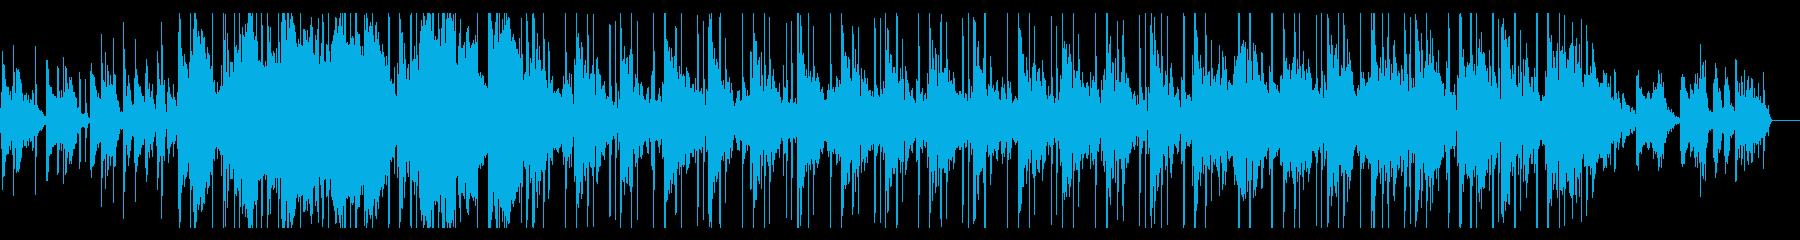 ジャジーでゆったりしたチルホップの再生済みの波形